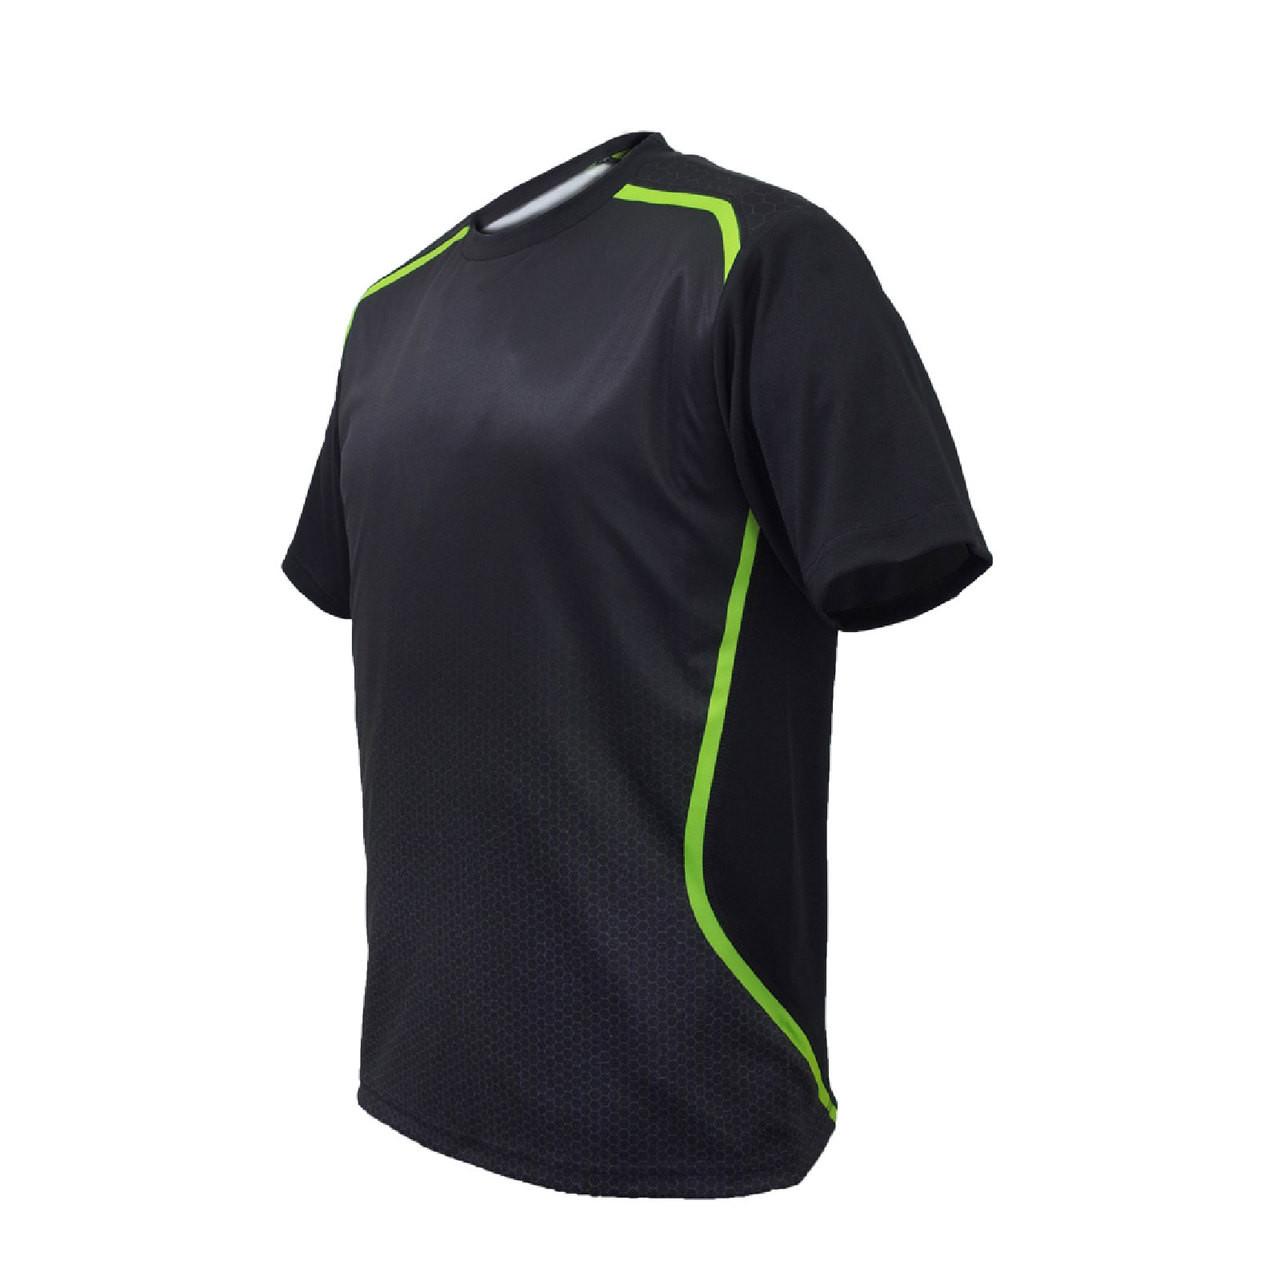 7e78f6e16 Plain Sublimated Sports TShirt - Plain Gym & Team Uniform Wholesale Online